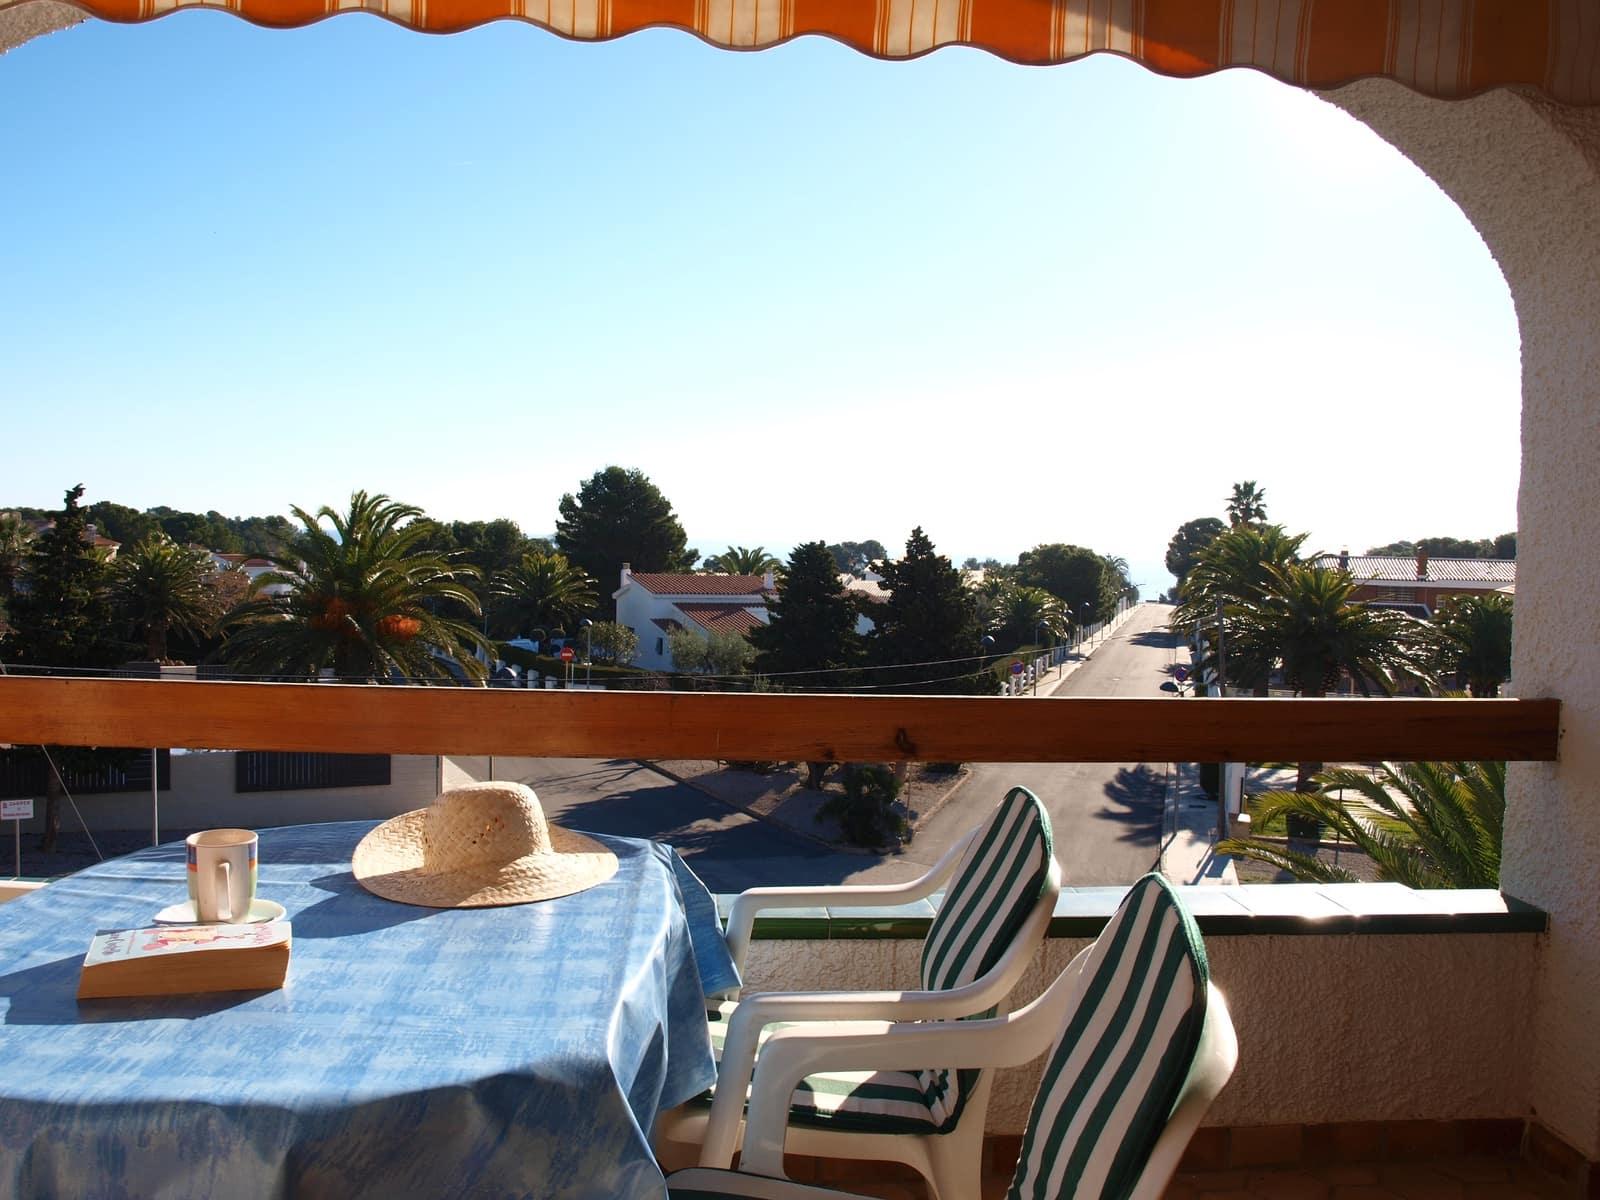 2 quarto Apartamento para venda em L'Ampolla - 156 000 € (Ref: 2527839)